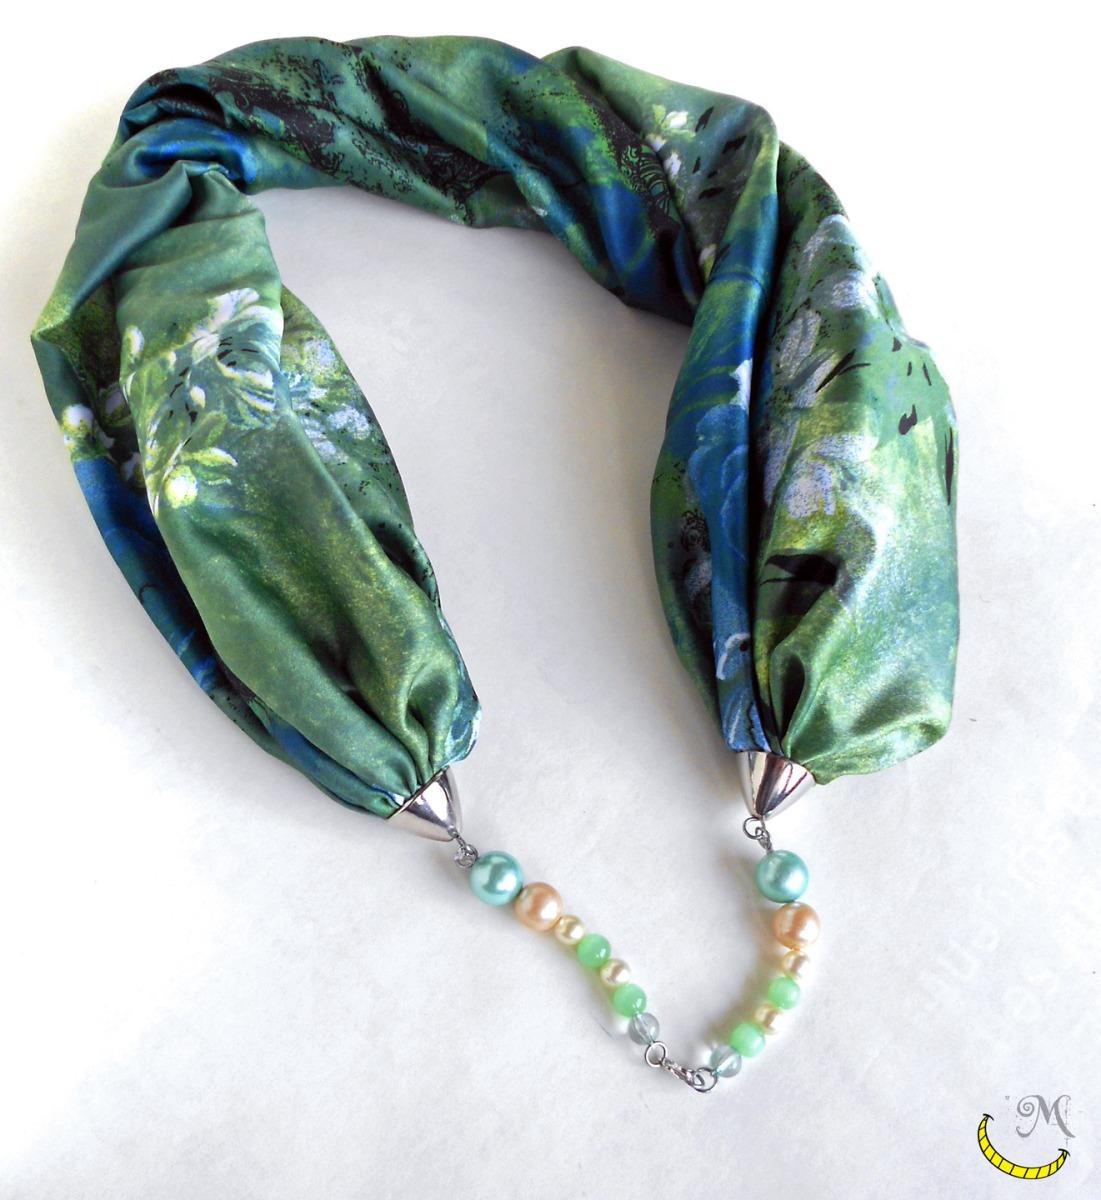 Foulard gioiello con perline e gancetto - nero - wrap scarf - Malice's Craftland - riciclo creativo - artigianato sostenibile italiano